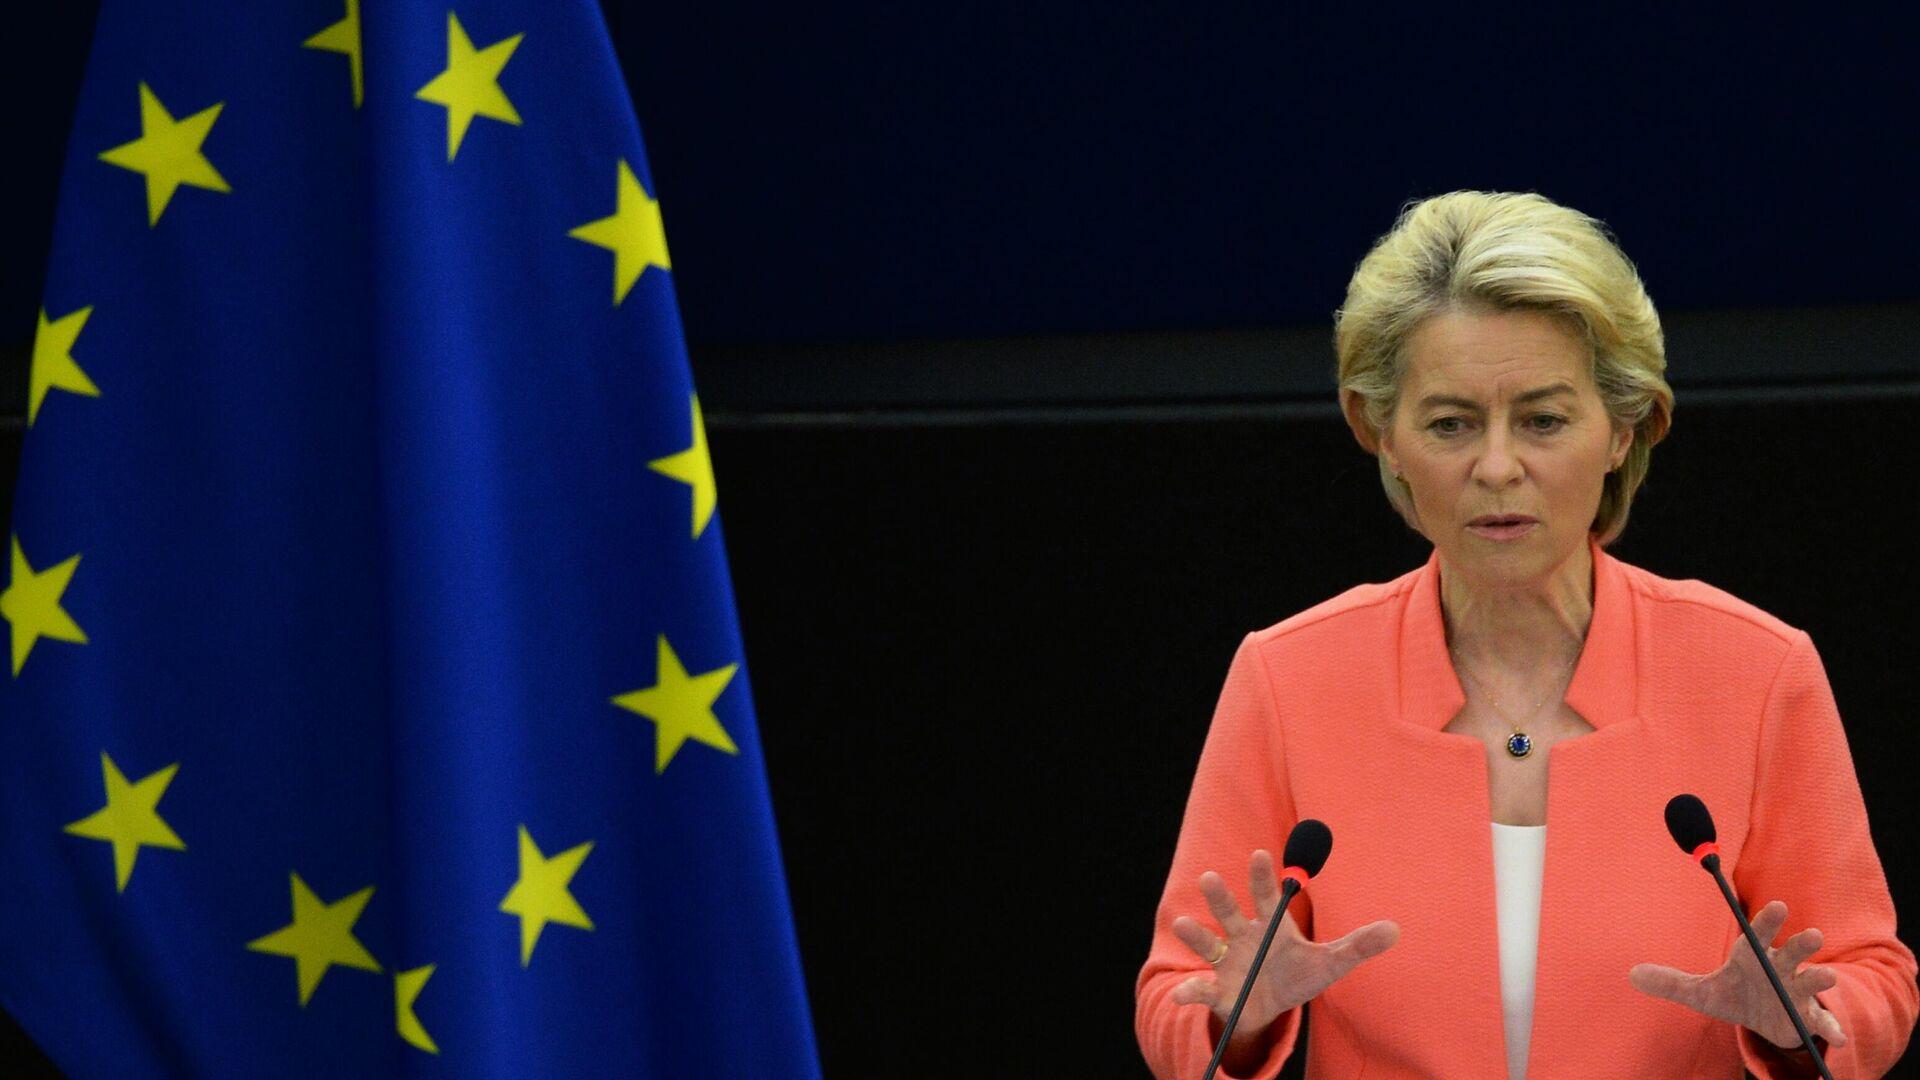 Председатель Еврокомиссии Урсула фон дер Ляйен выступает на пленарной сессии Европейского парламента в Страсбурге - РИА Новости, 1920, 20.09.2021